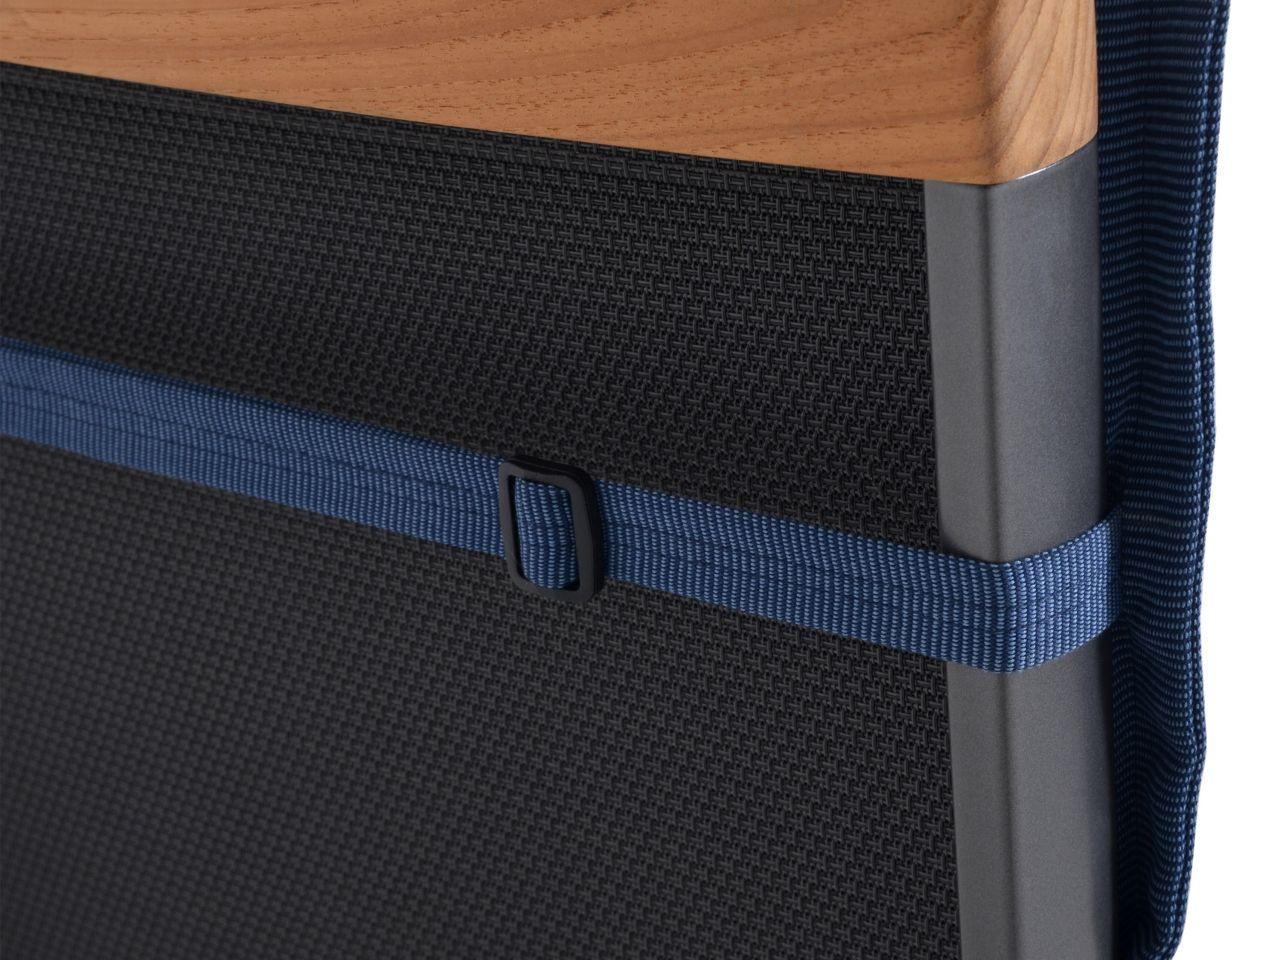 Auflage Malibu, verstellbares Halteband rückseitig